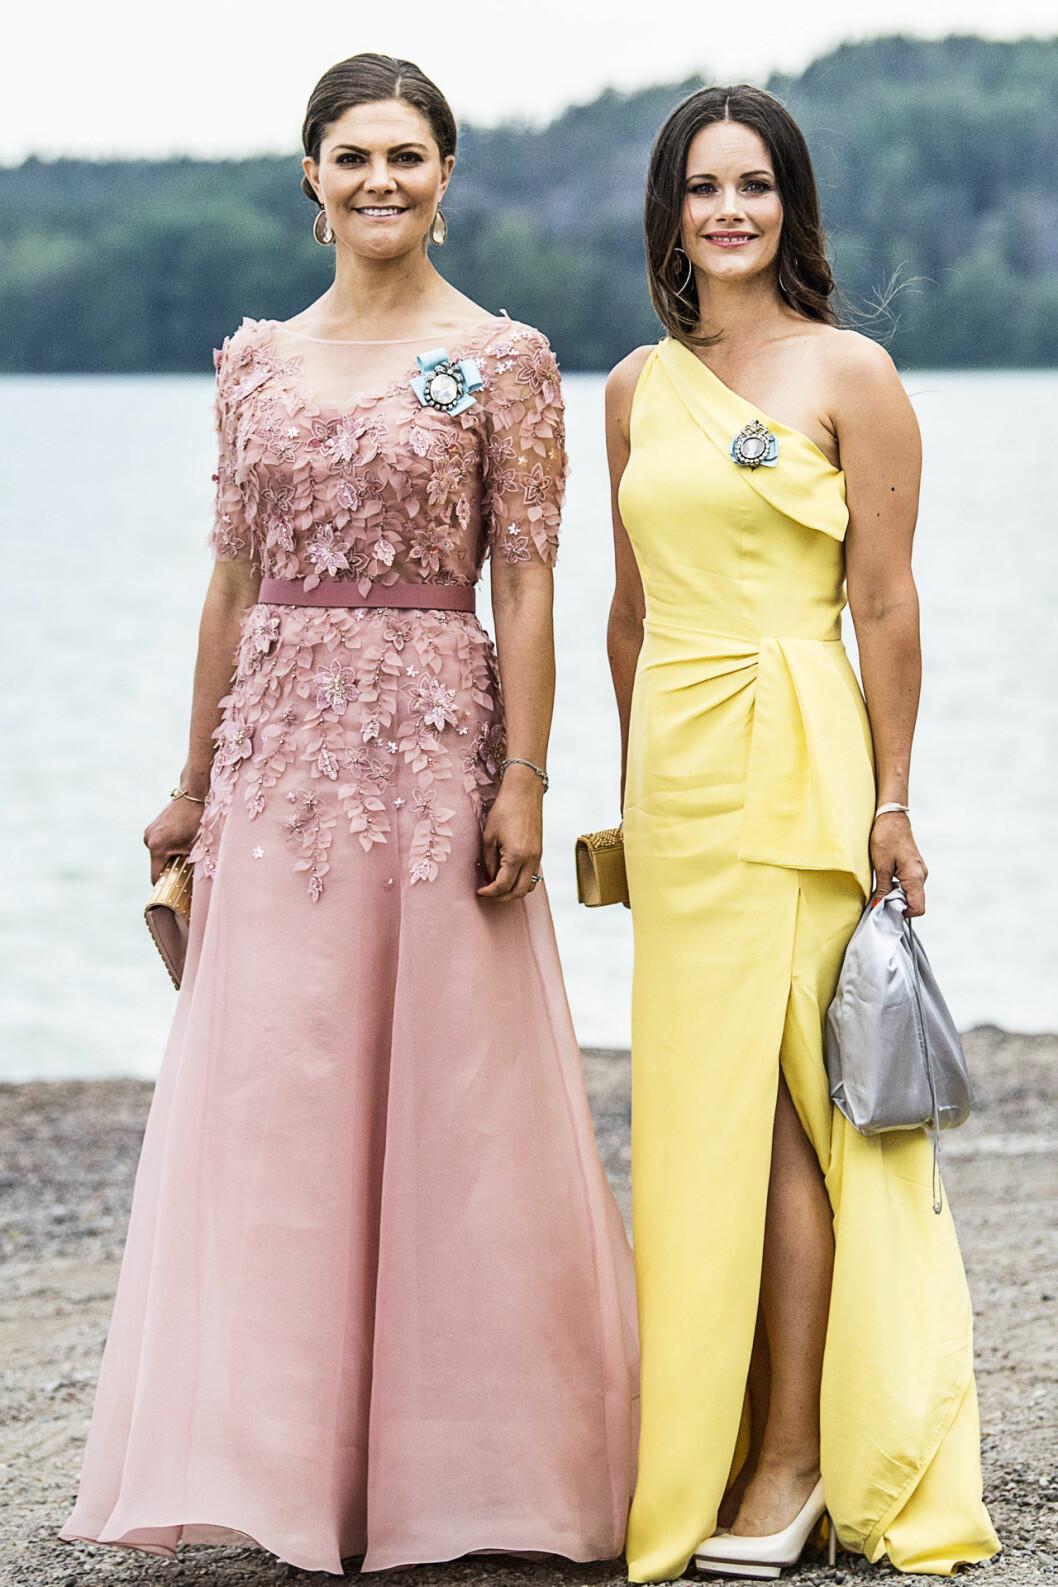 Victoriadagen 2020 - kronprinsessan Victoria och prinsessan Sofia.